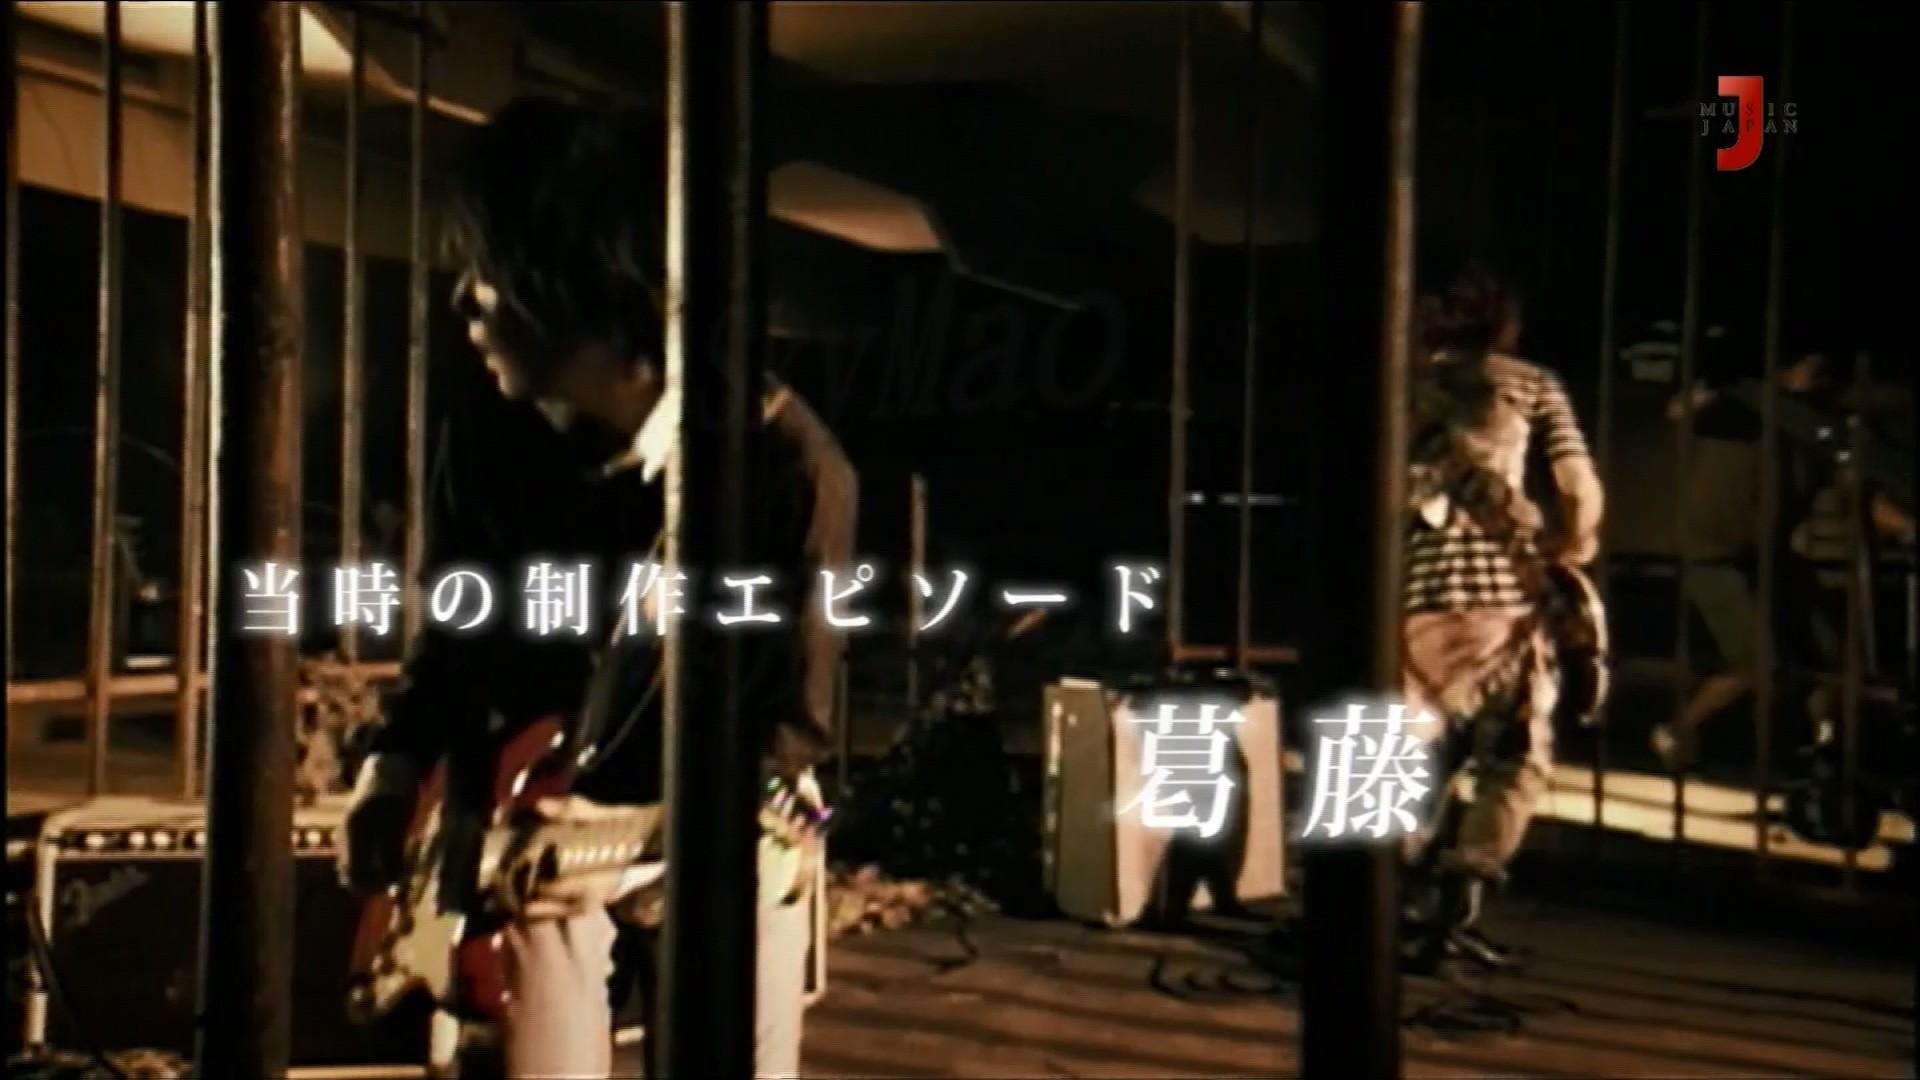 2016.05.07 いきものがかり スペシャル(MJTV).ts_20160507_185024.490